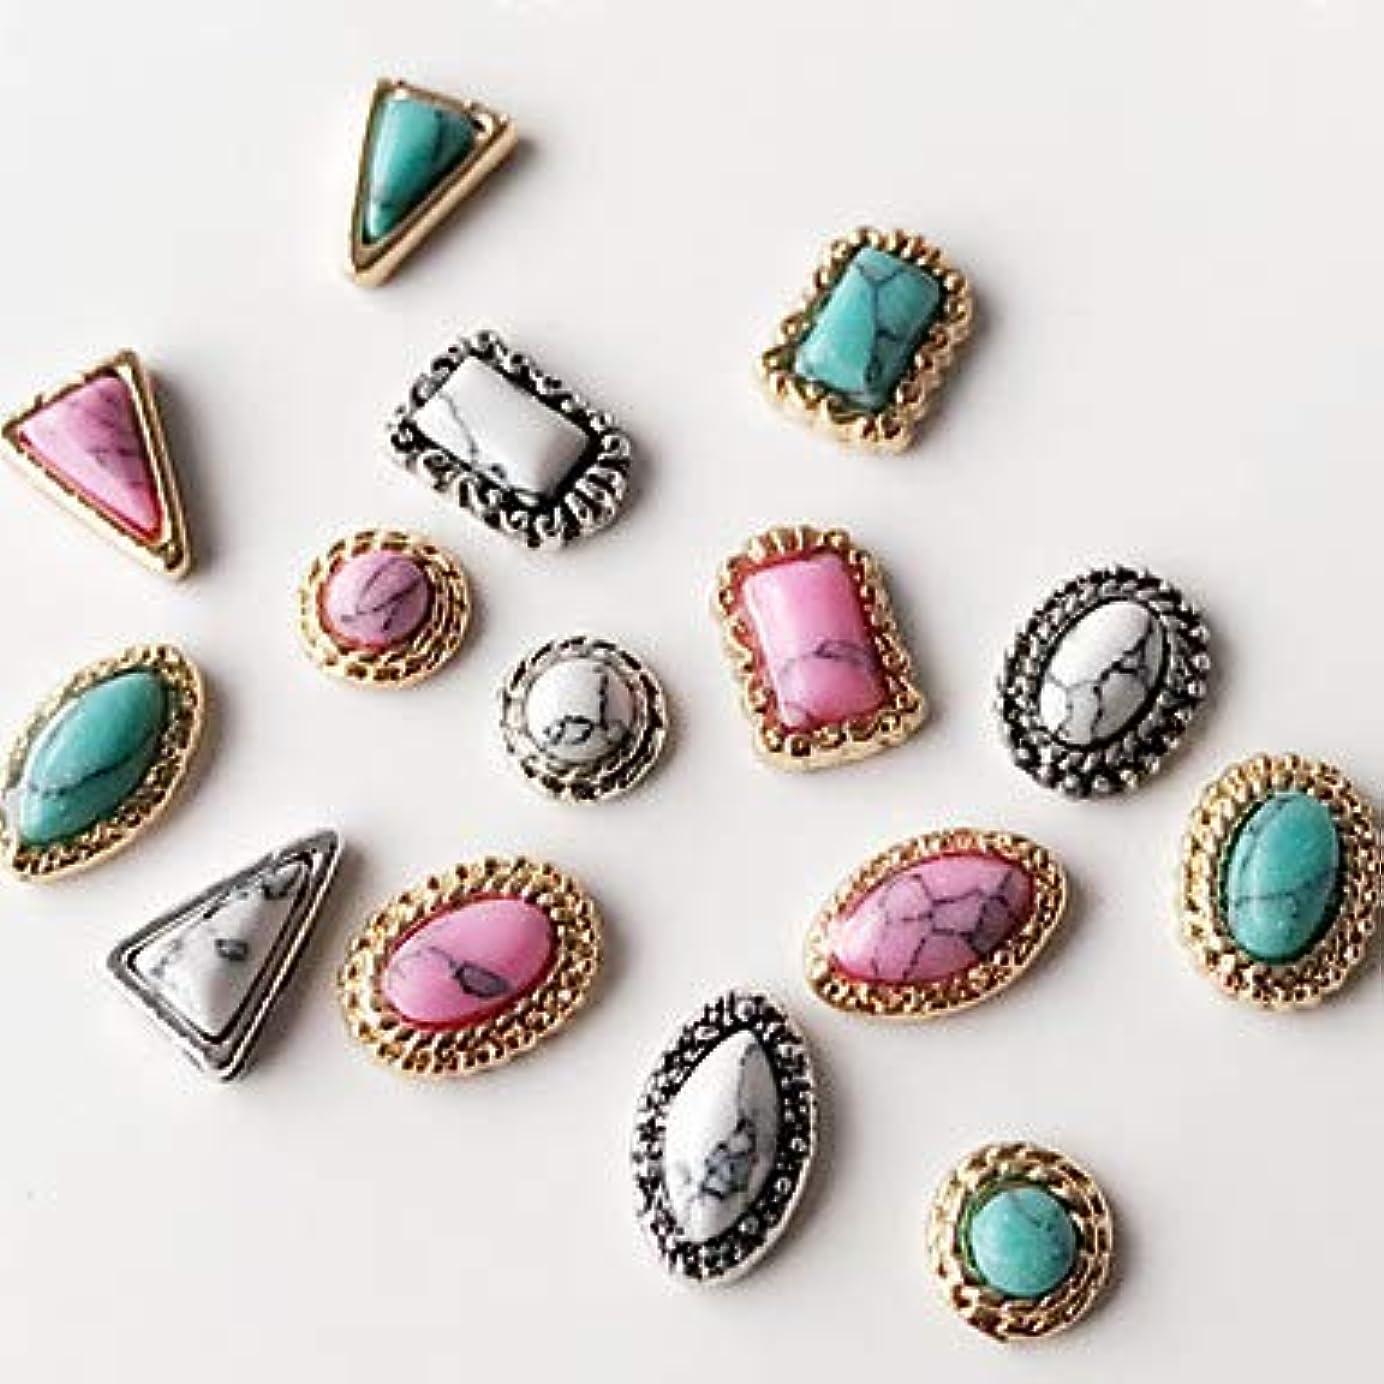 方法論二次メディカル10個混合スタイル混合色古代の宝石ネイルアートの装飾に戻ります